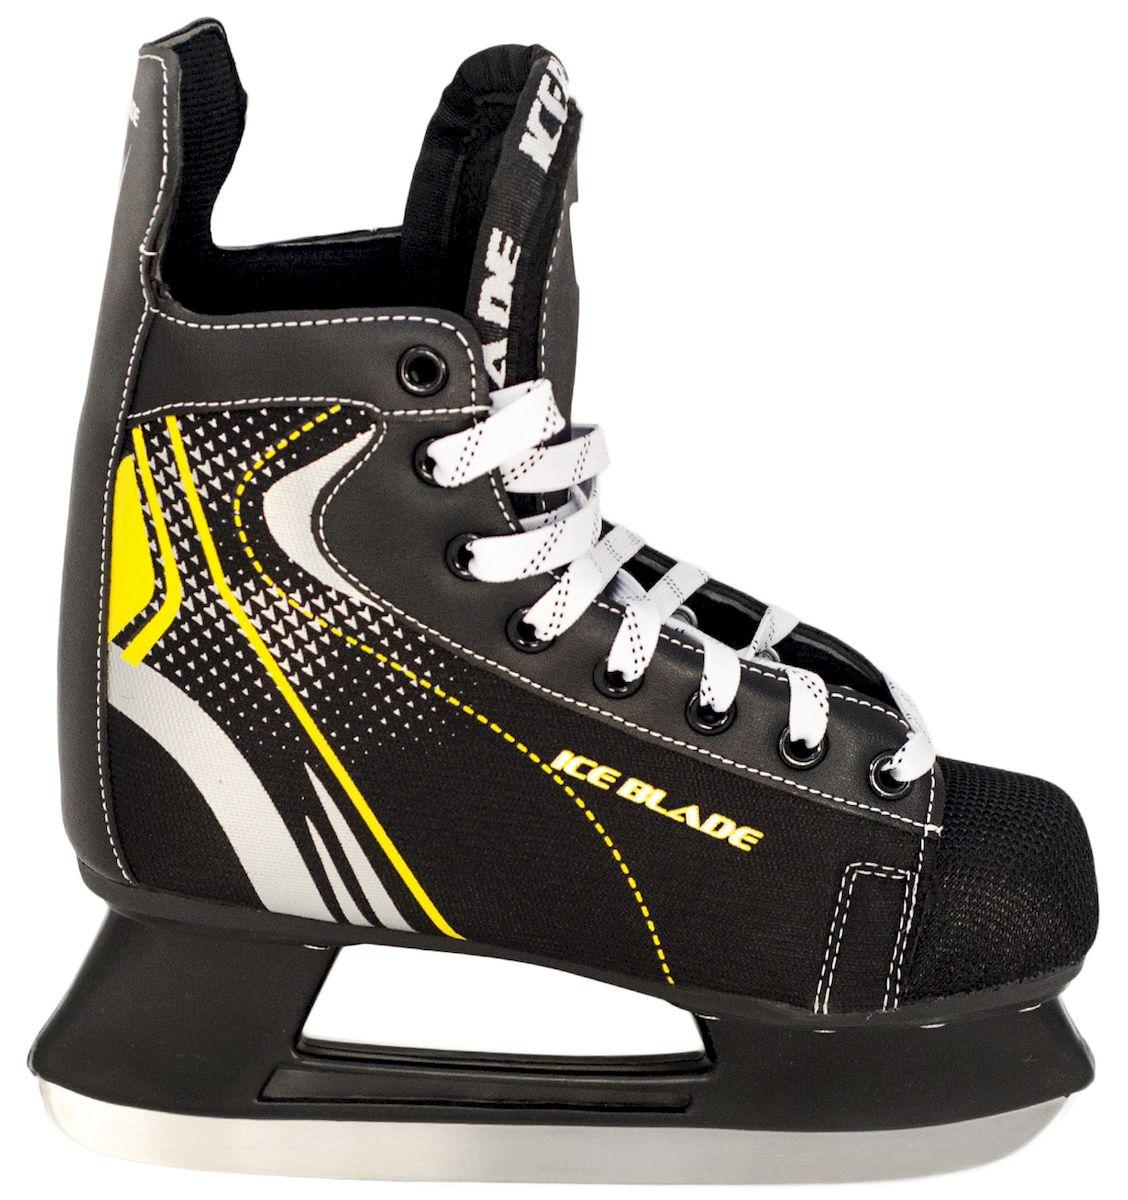 Коньки хоккейные Ice Blade Shark, цвет: черный, желтый. УТ-00006841. Размер 45